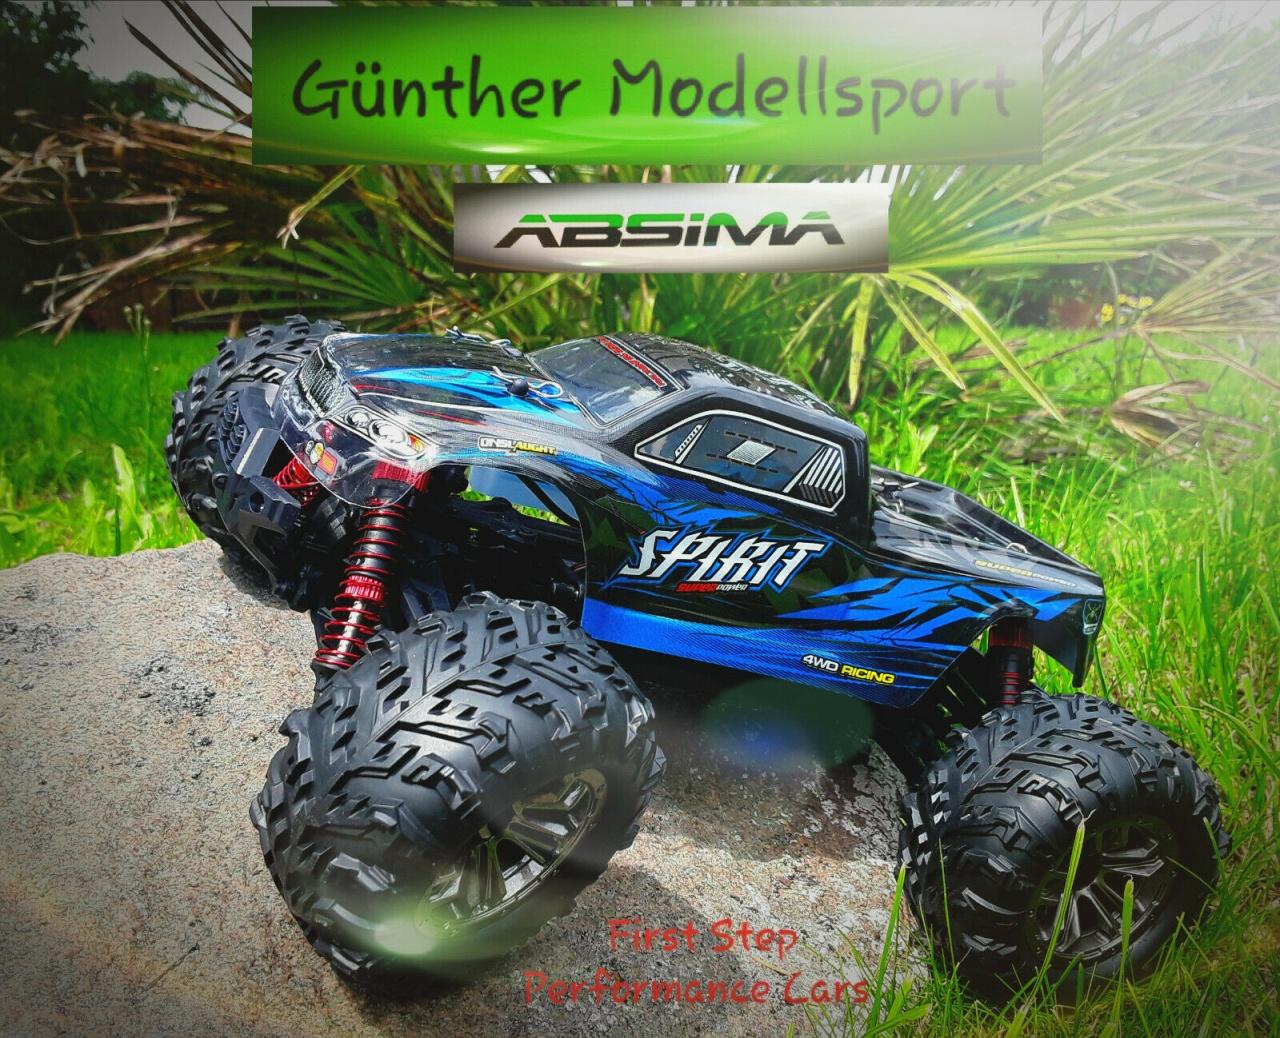 Absima 1:16 EP Monster Truck SPIRIT schwarz/blau 4WD RTR,